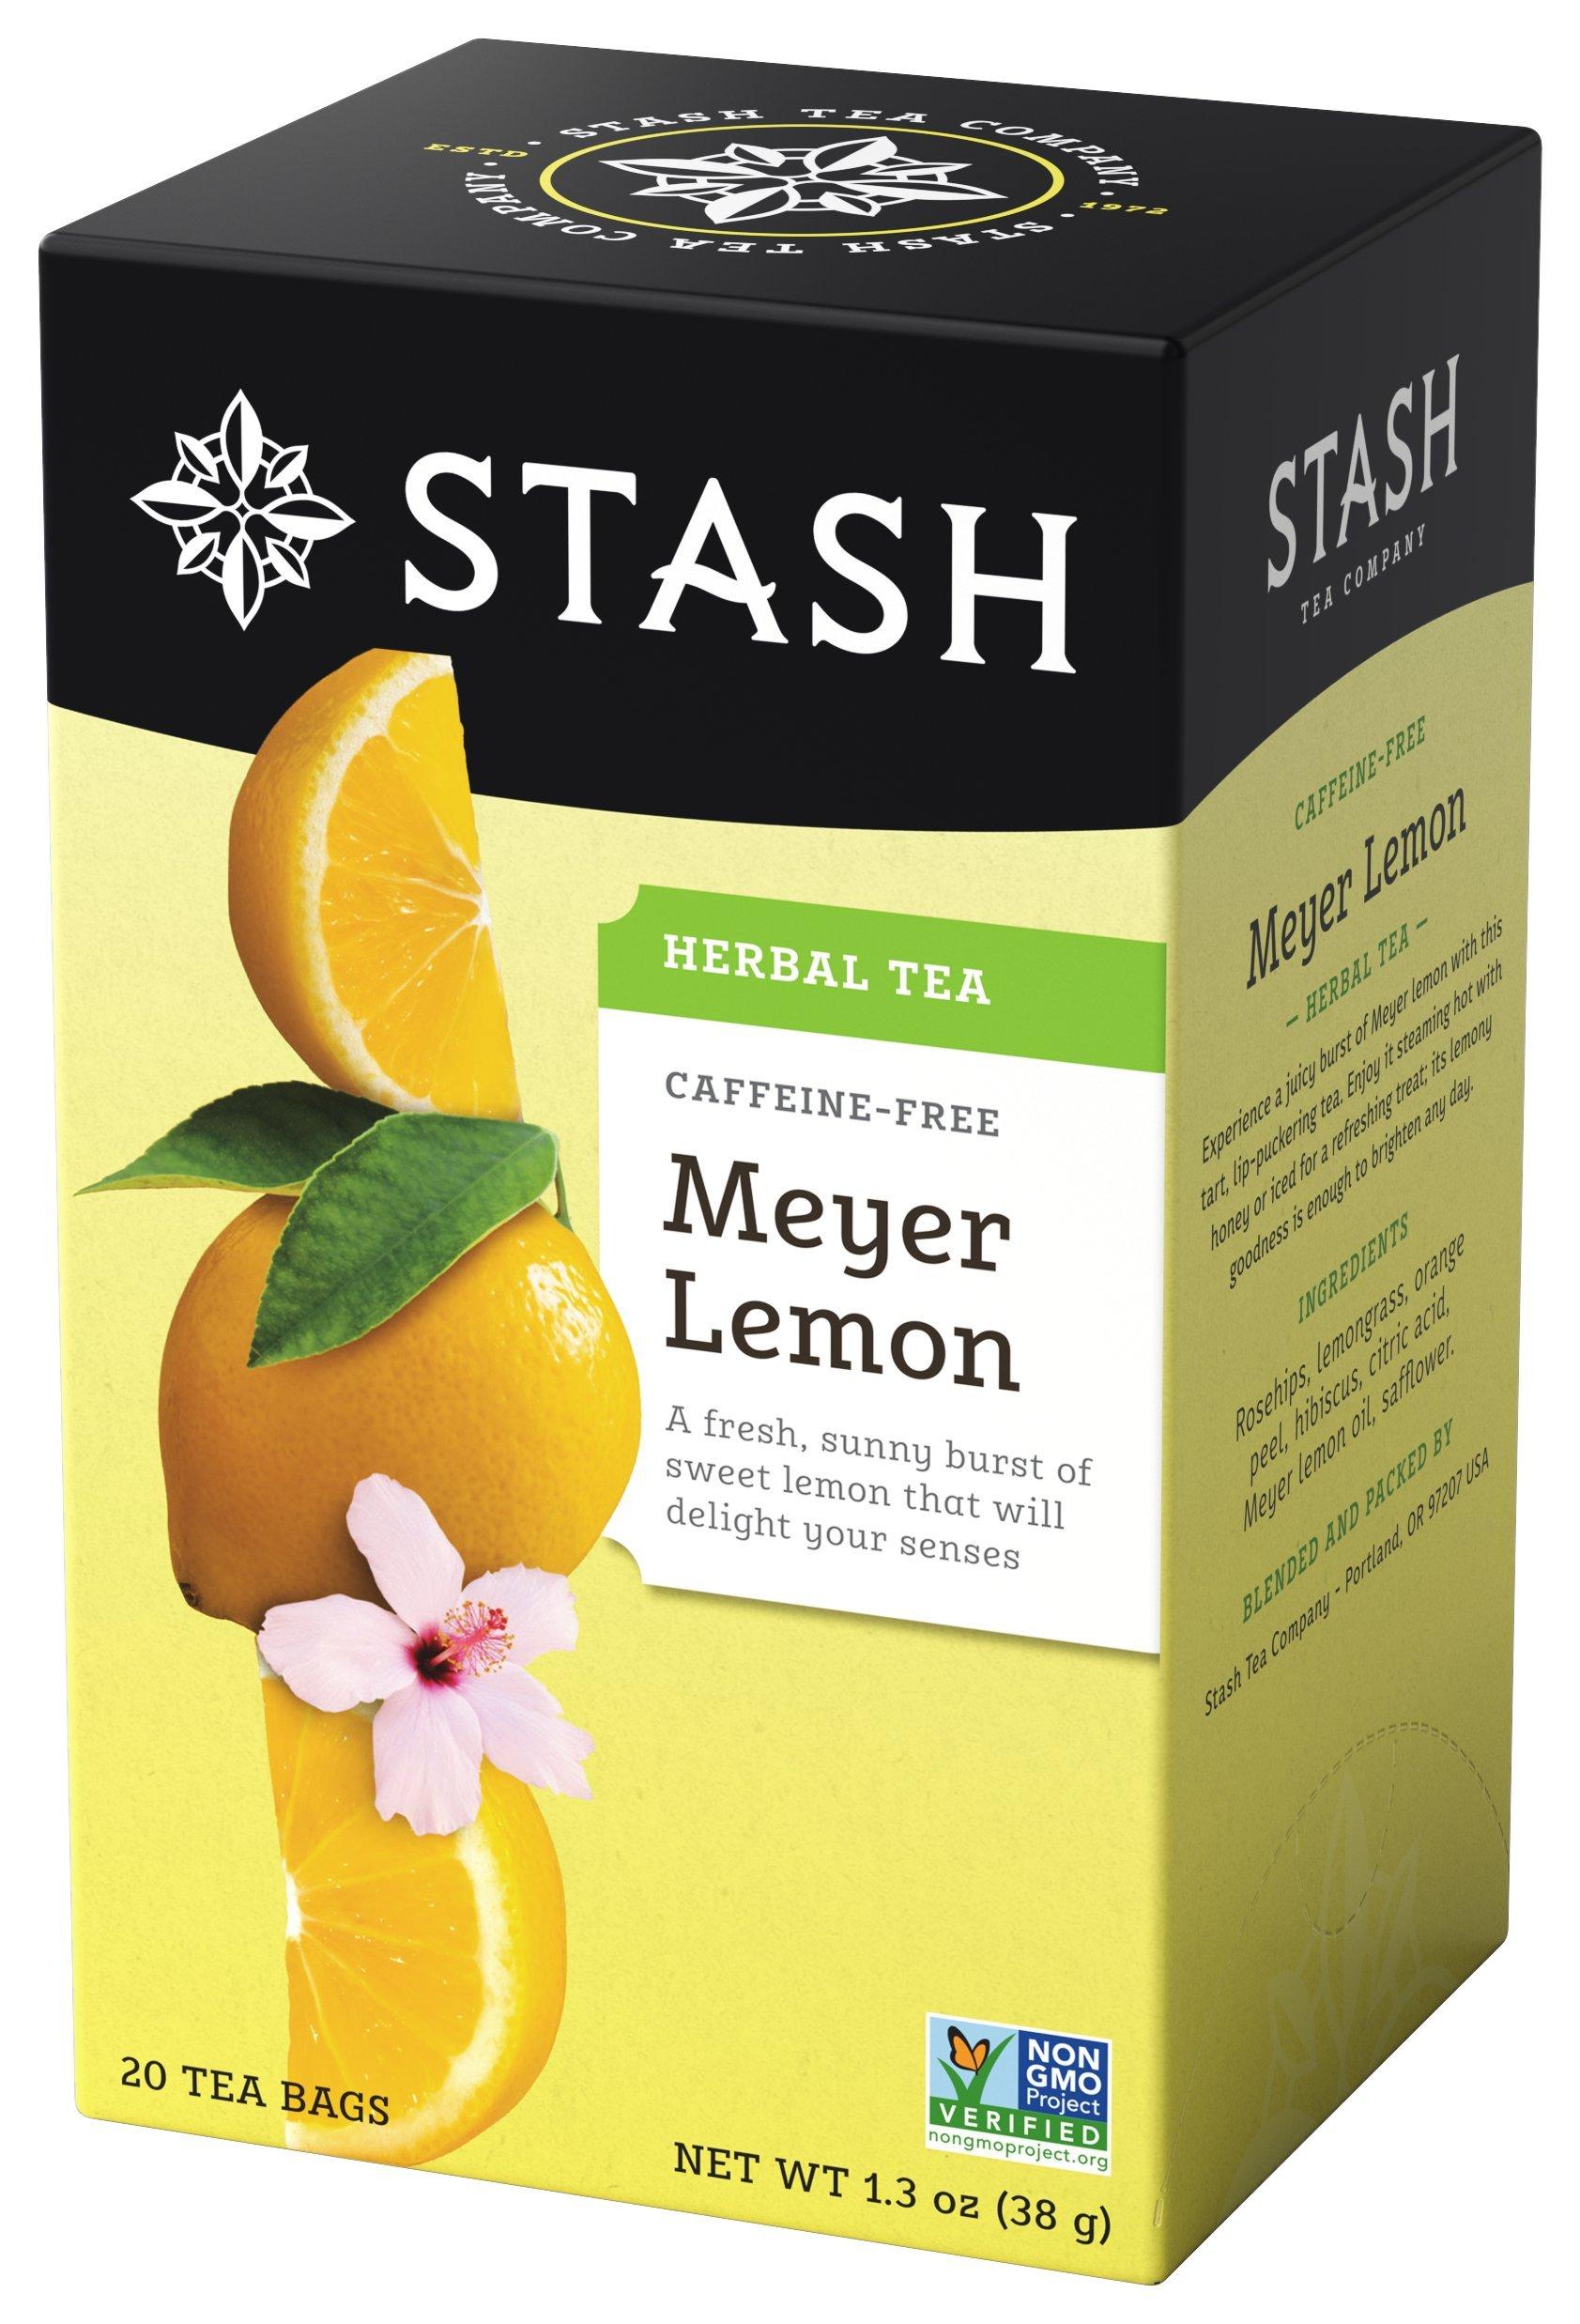 Stash Tea Meyer Lemon Herbal Tea 20 Count Tea Bags in Foil (Pack of 6) (Packaging May Vary) Individual Herbal Tea Bags for Use in Teapots Mugs or Cups, Brew Hot Tea or Iced Tea